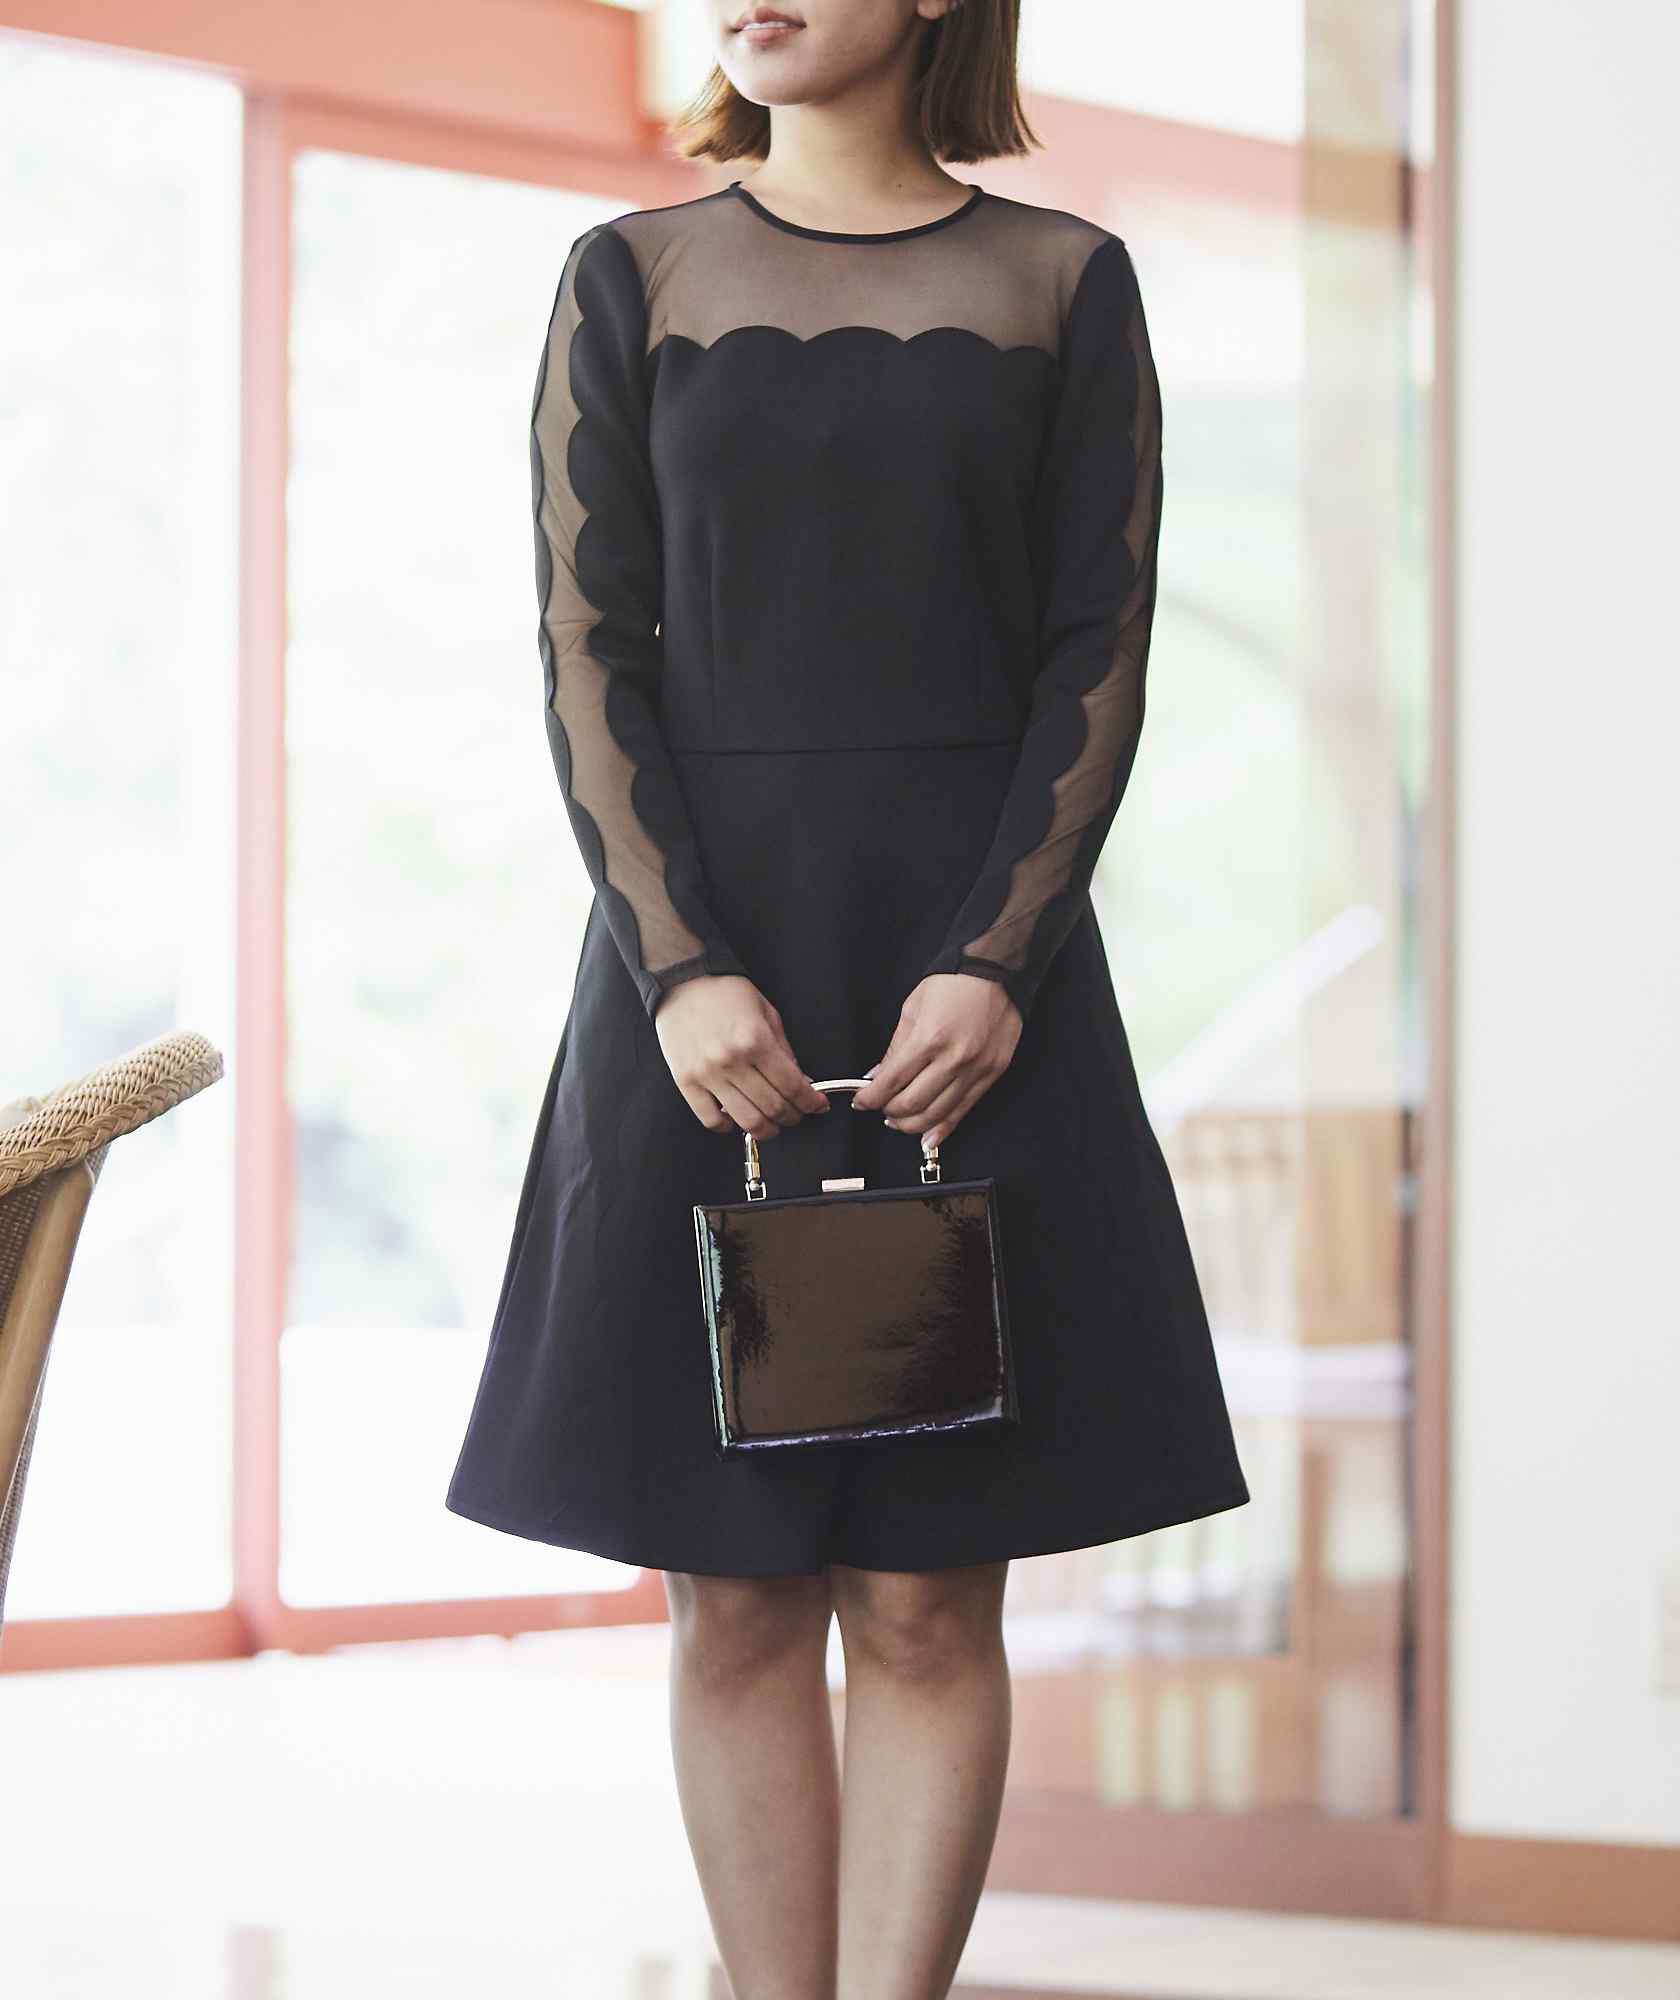 ラウンドデザインショートドレス―ブラック-ブラック-S